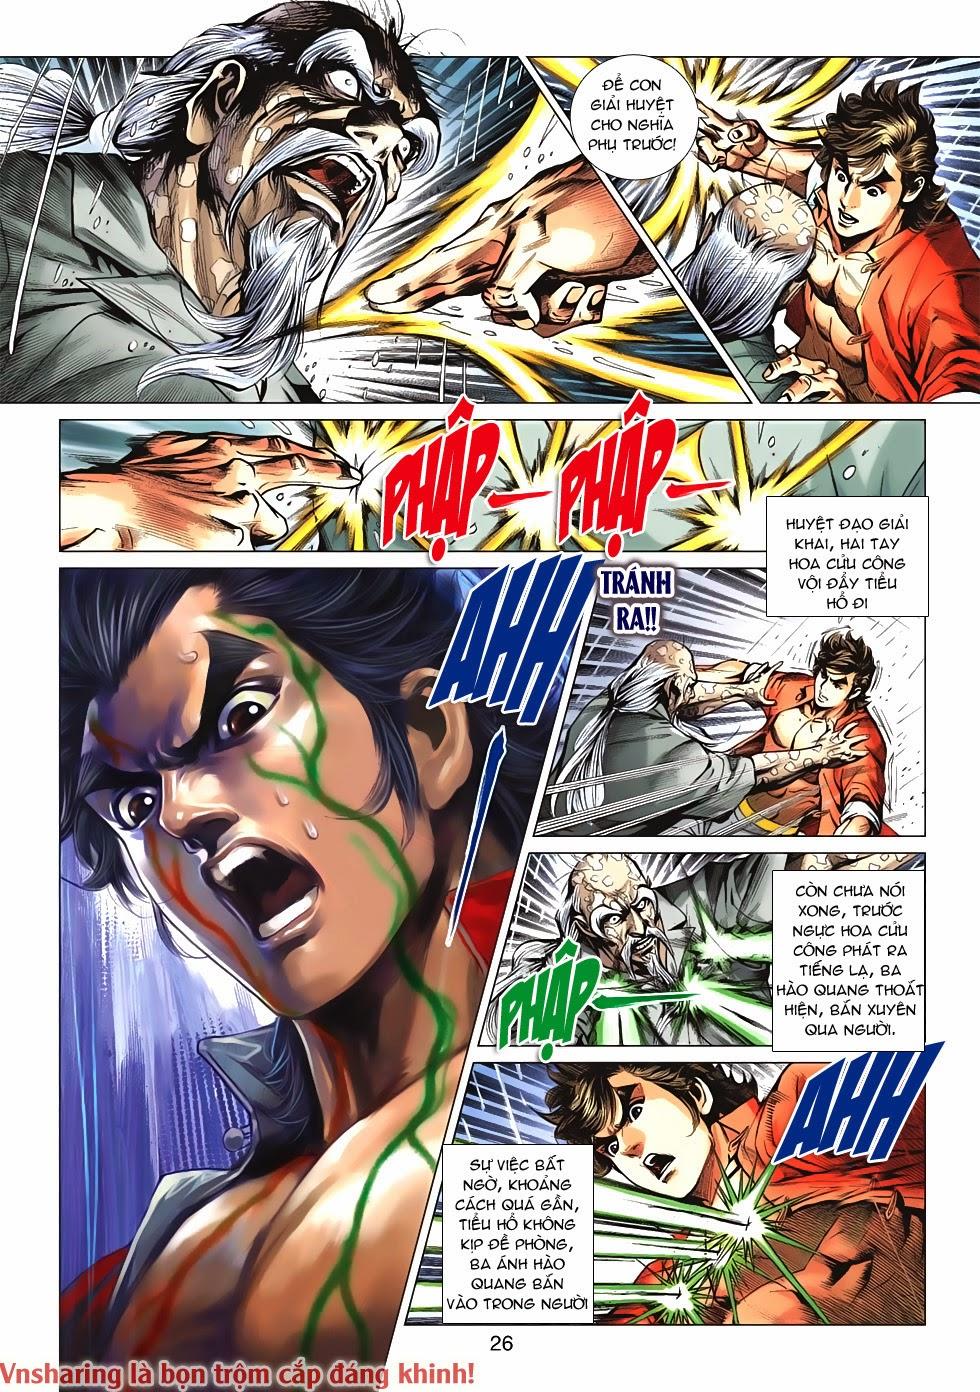 Tân Tác Long Hổ Môn Chap 606 page 25 - Truyentranhaz.net